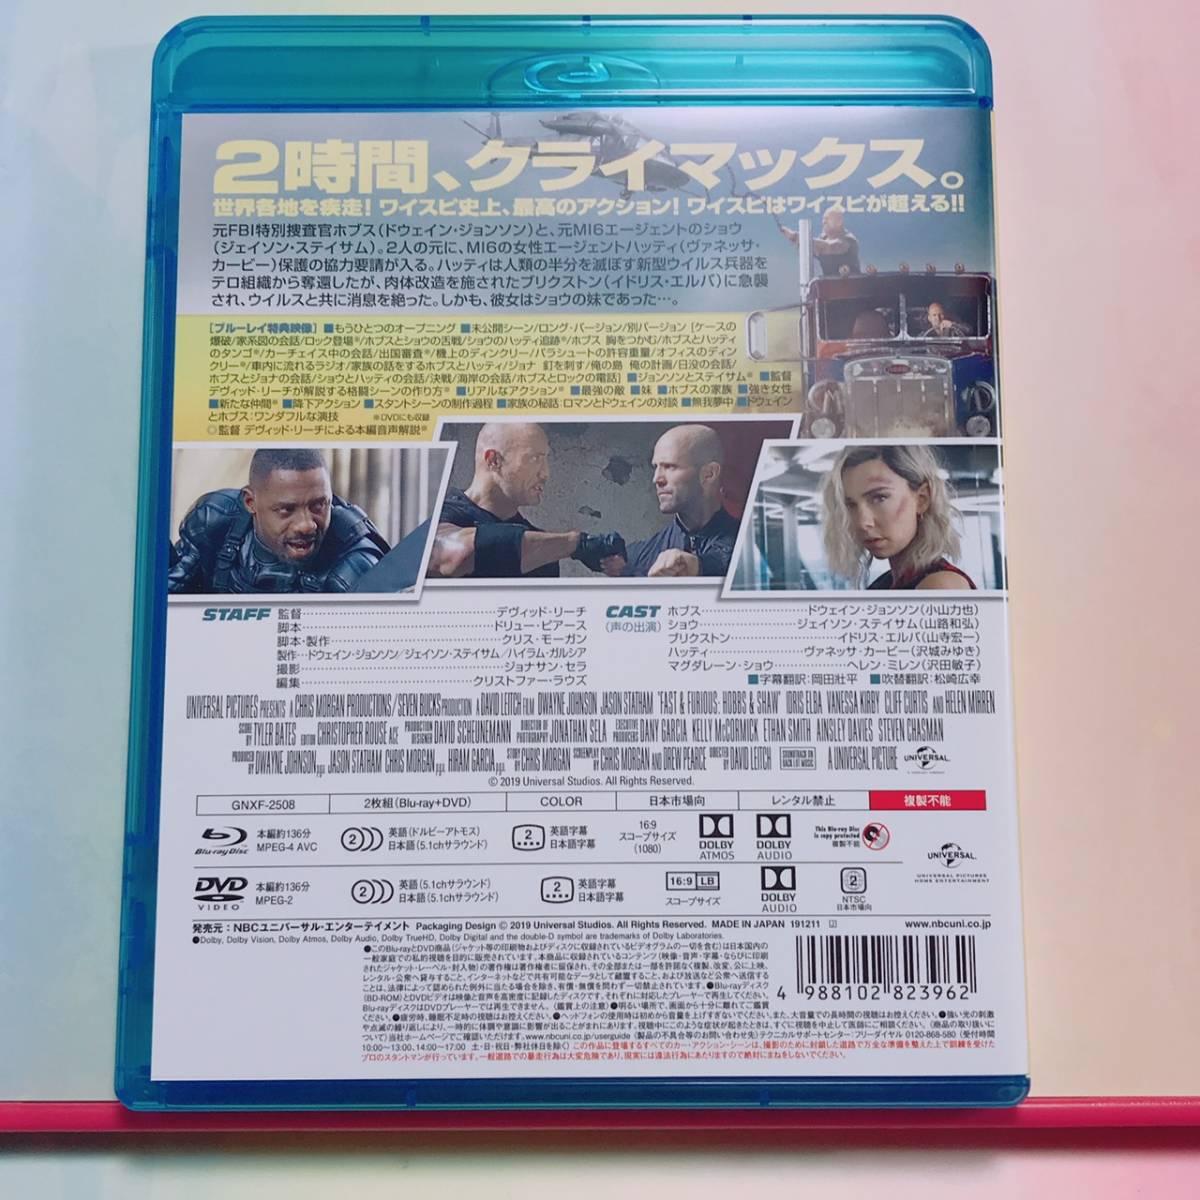 スーパー ワイルド dvd スピード コンボ